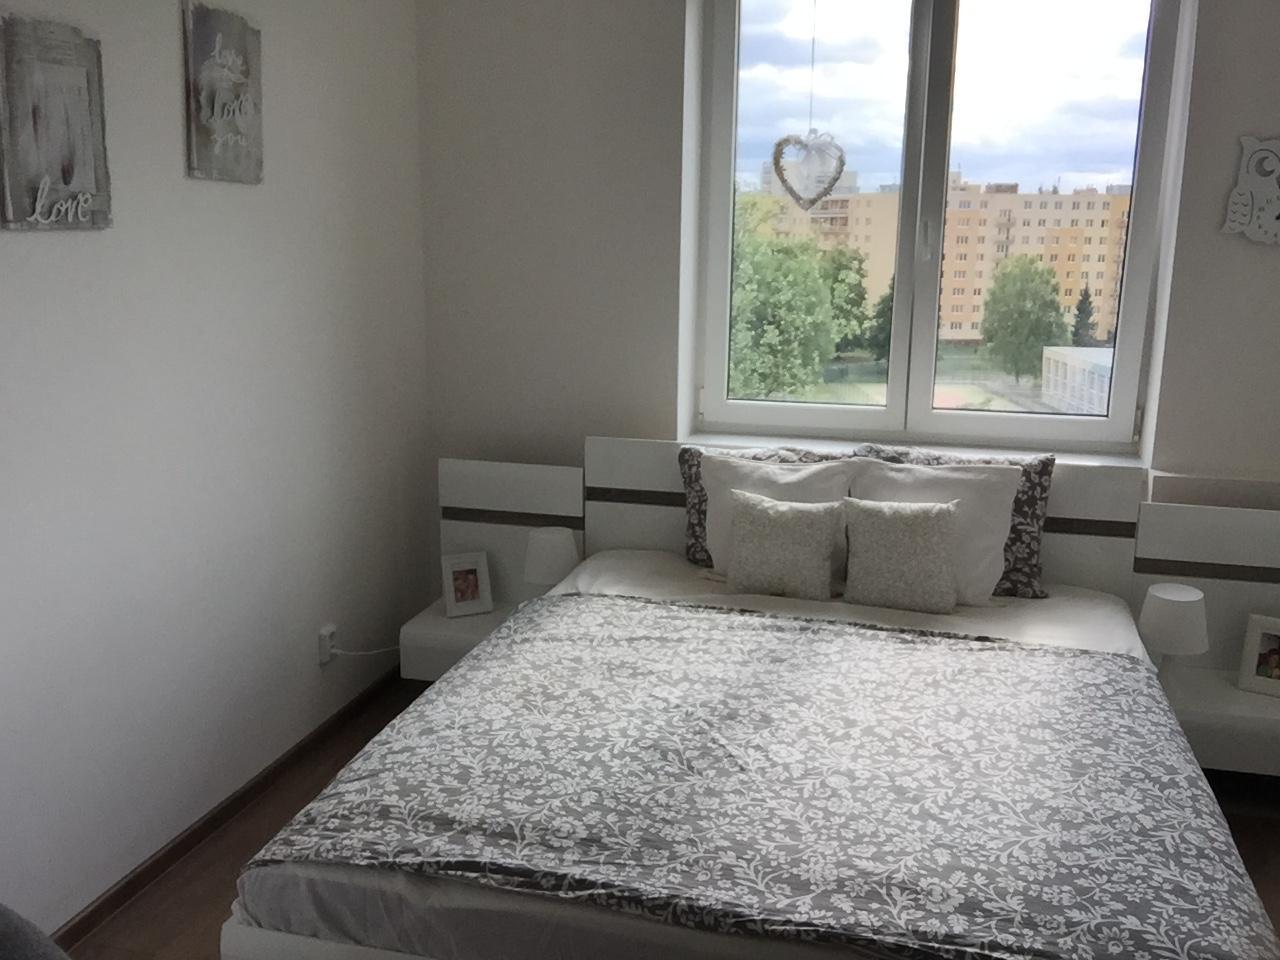 My lovely home 2+kk - Obrázek č. 89